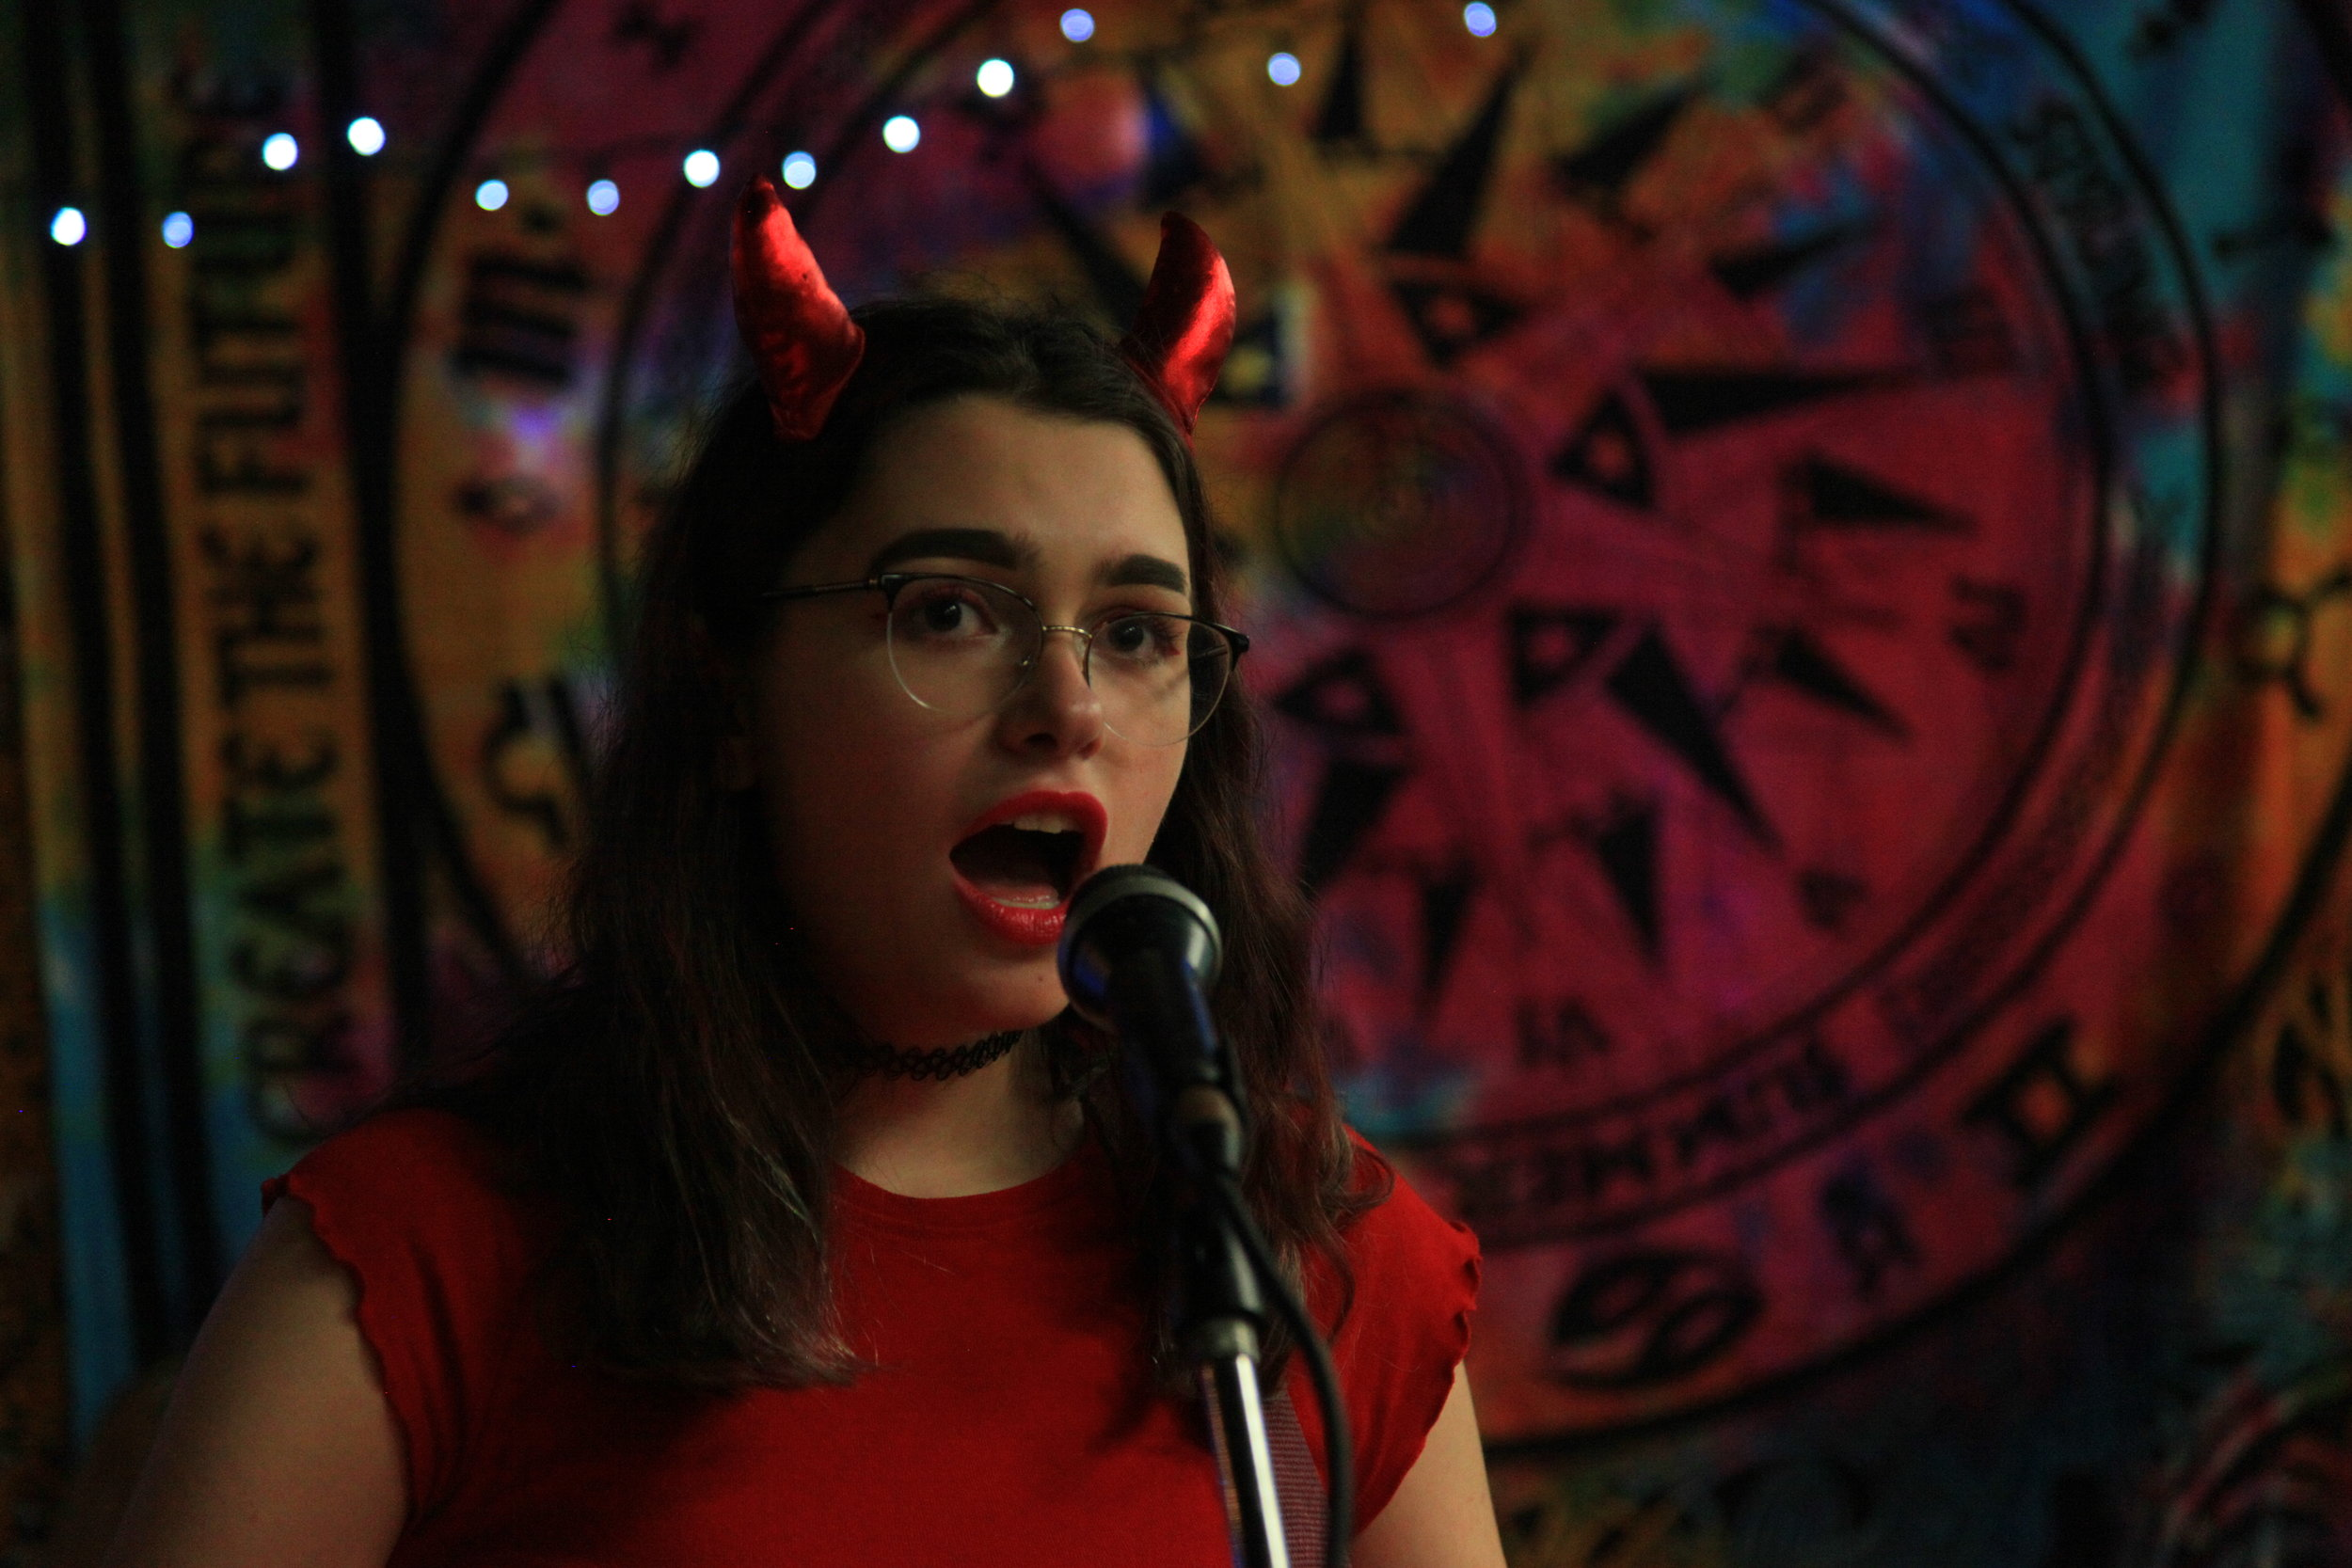 Charlotte, singer of Key Lime